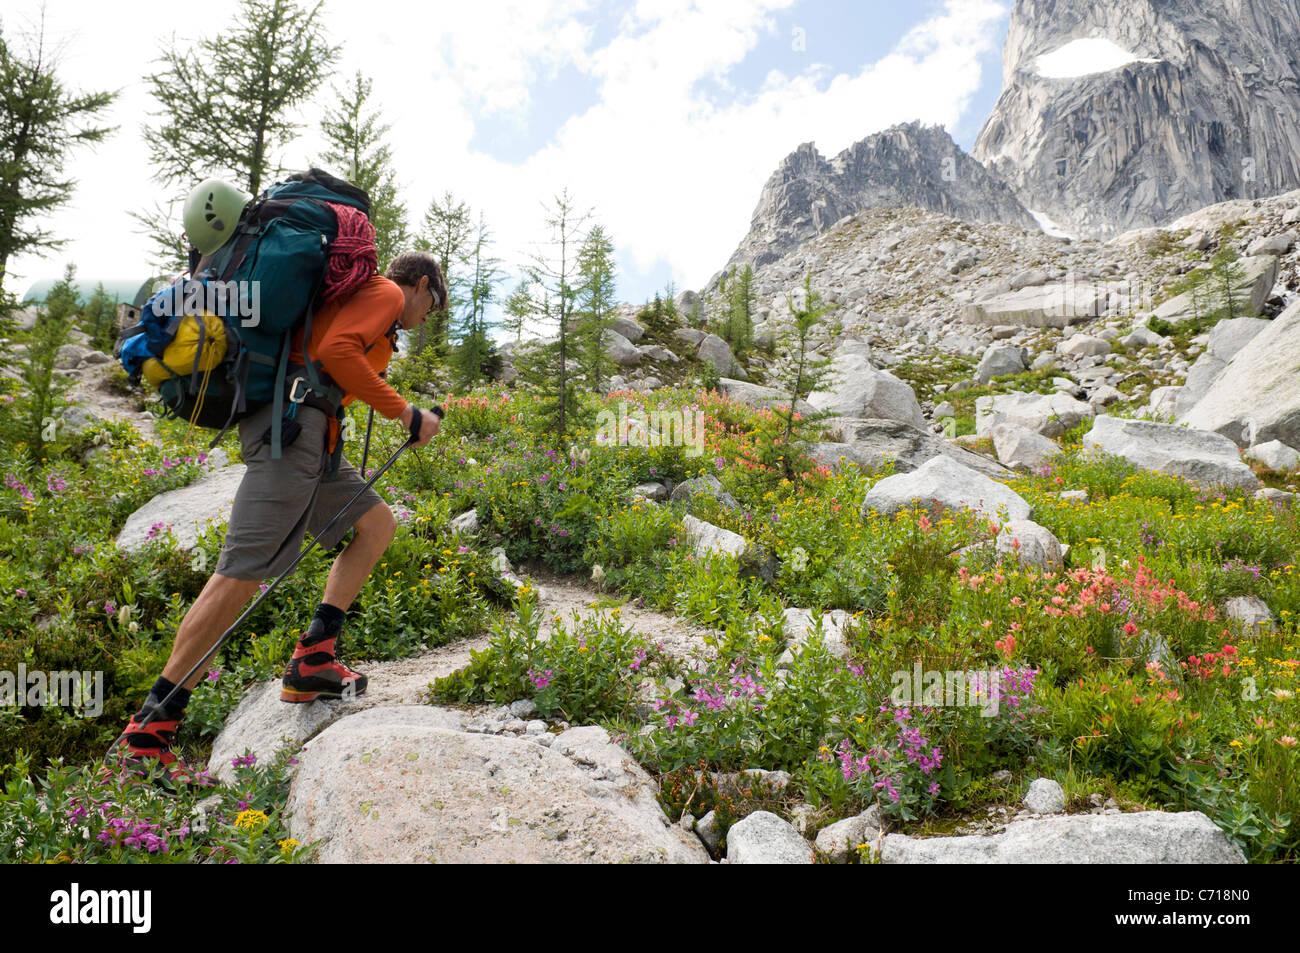 El hombre la caminata por senderos floridos, Parque Provincial Bugaboo, Radium, British Columbia, Canadá. Imagen De Stock